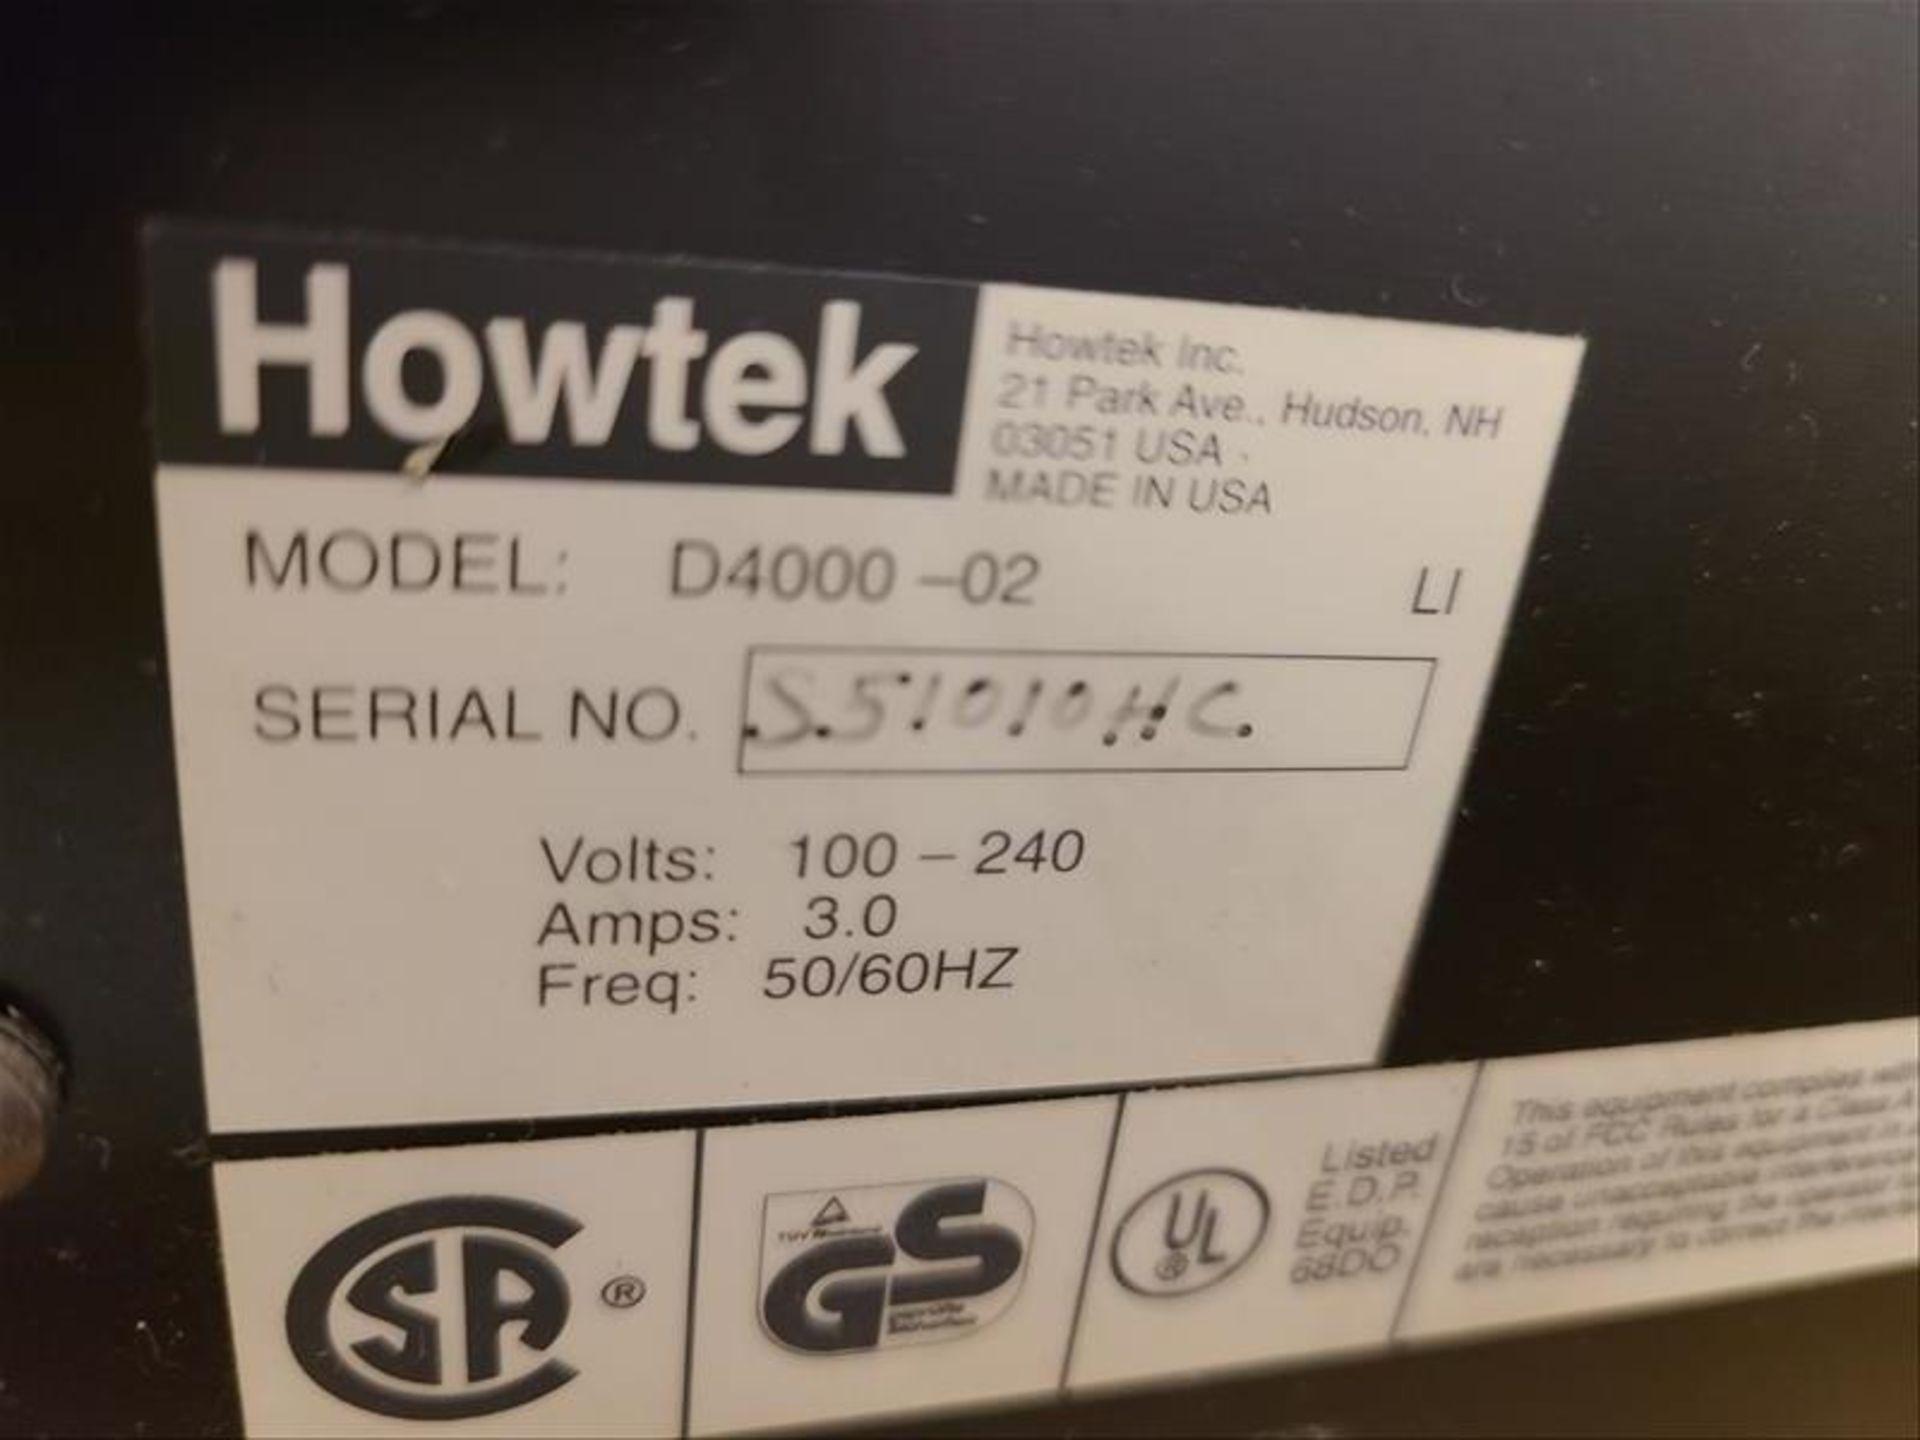 Howtek Drum Scanner, Scanmaster 4500, model D4000-02, S/N. S51010HC, 100-240V, 3 amps, 50Hz - Image 3 of 3